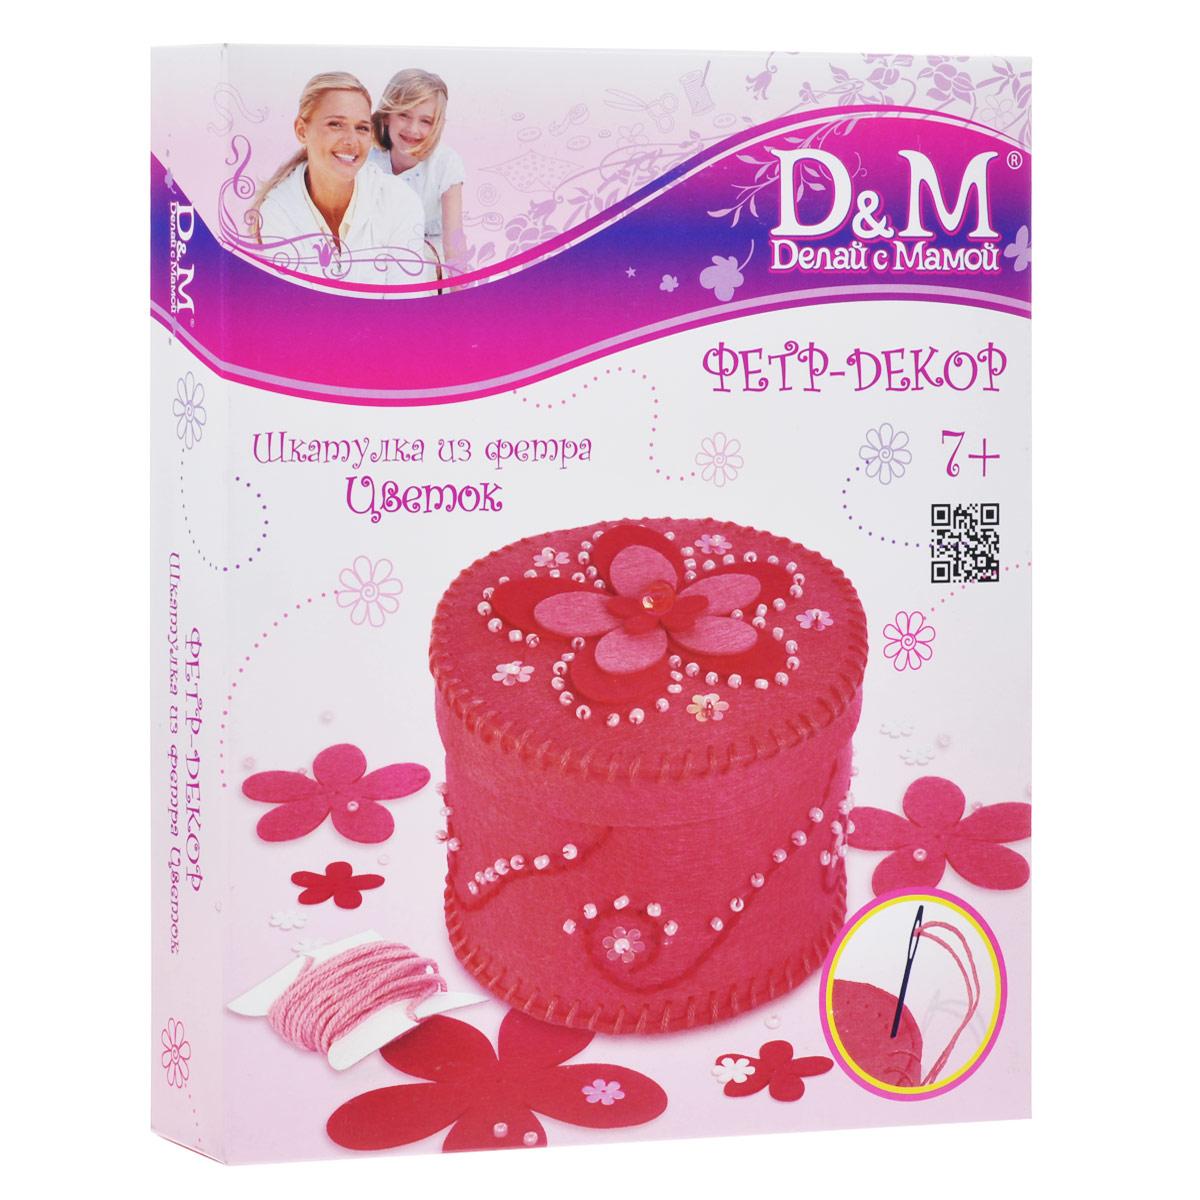 """Набор D&M """"Цветок"""" позволит вашему ребенку своими руками создать из фетра оригинальную круглую шкатулку для мелочей и оформить ее бисером, пайетками, бусинами и декоративными элементами в виде цветочков. В набор входит все необходимое: фетровые заготовки для шкатулки с отверстиями для иглы, нитки, бусины, пайетки, бисер, безопасная игла и пошаговая инструкция на русском языке. Получившаяся шкатулка станет не только превосходным аксессуаром для хранения всевозможных мелочей вашей принцессы, но и гордостью малышки, ведь она создаст ее своими руками."""